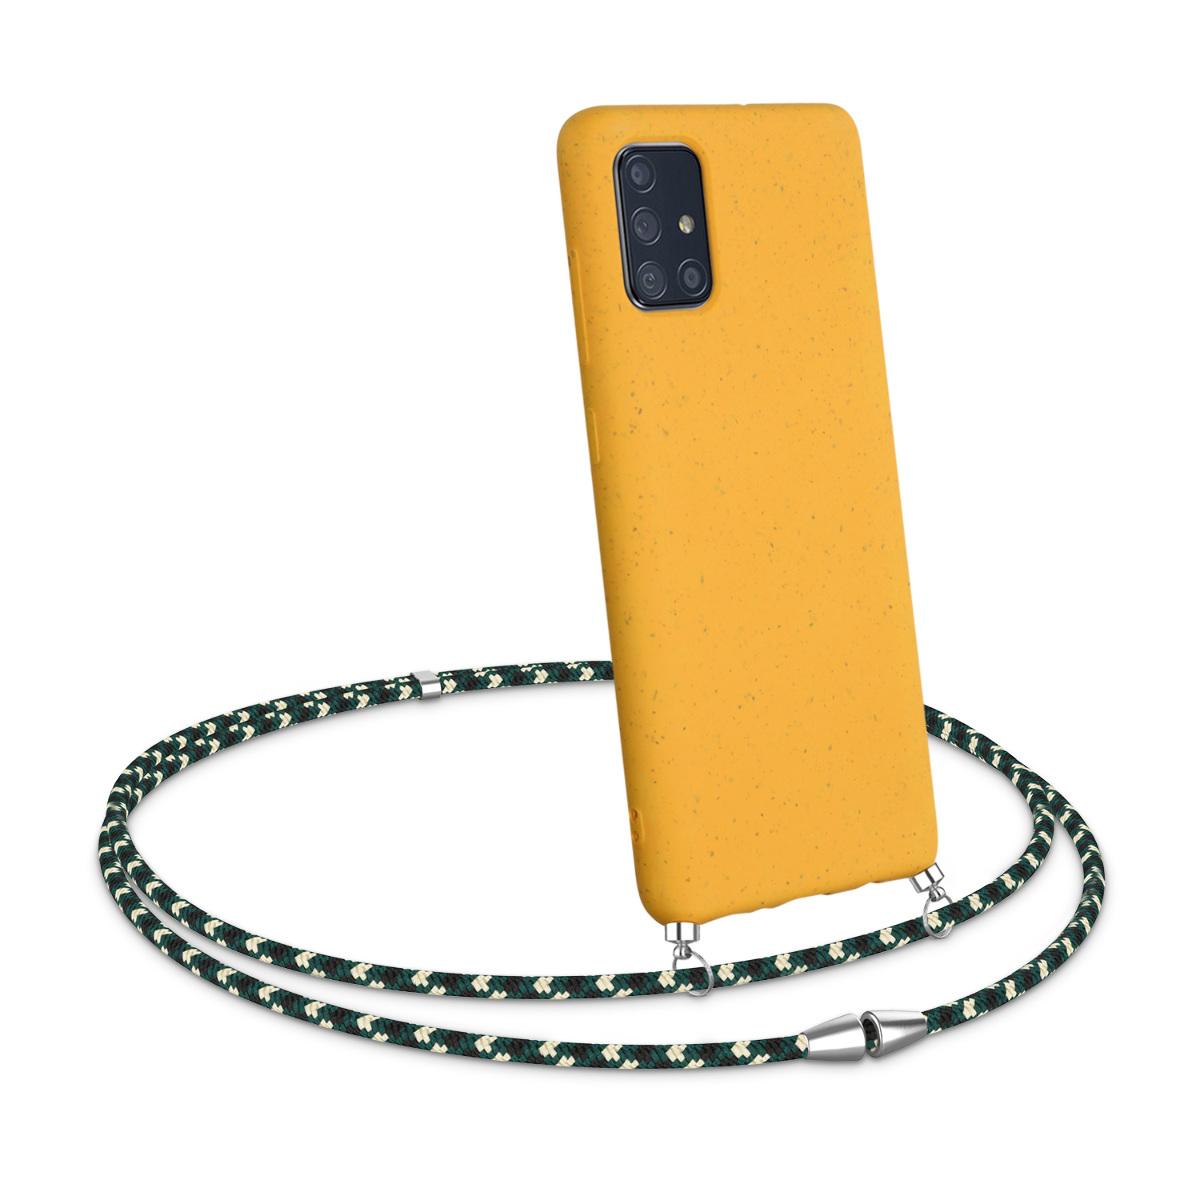 WheatStrawpouzdro pro Samsung A71 - medově žluté / zelené